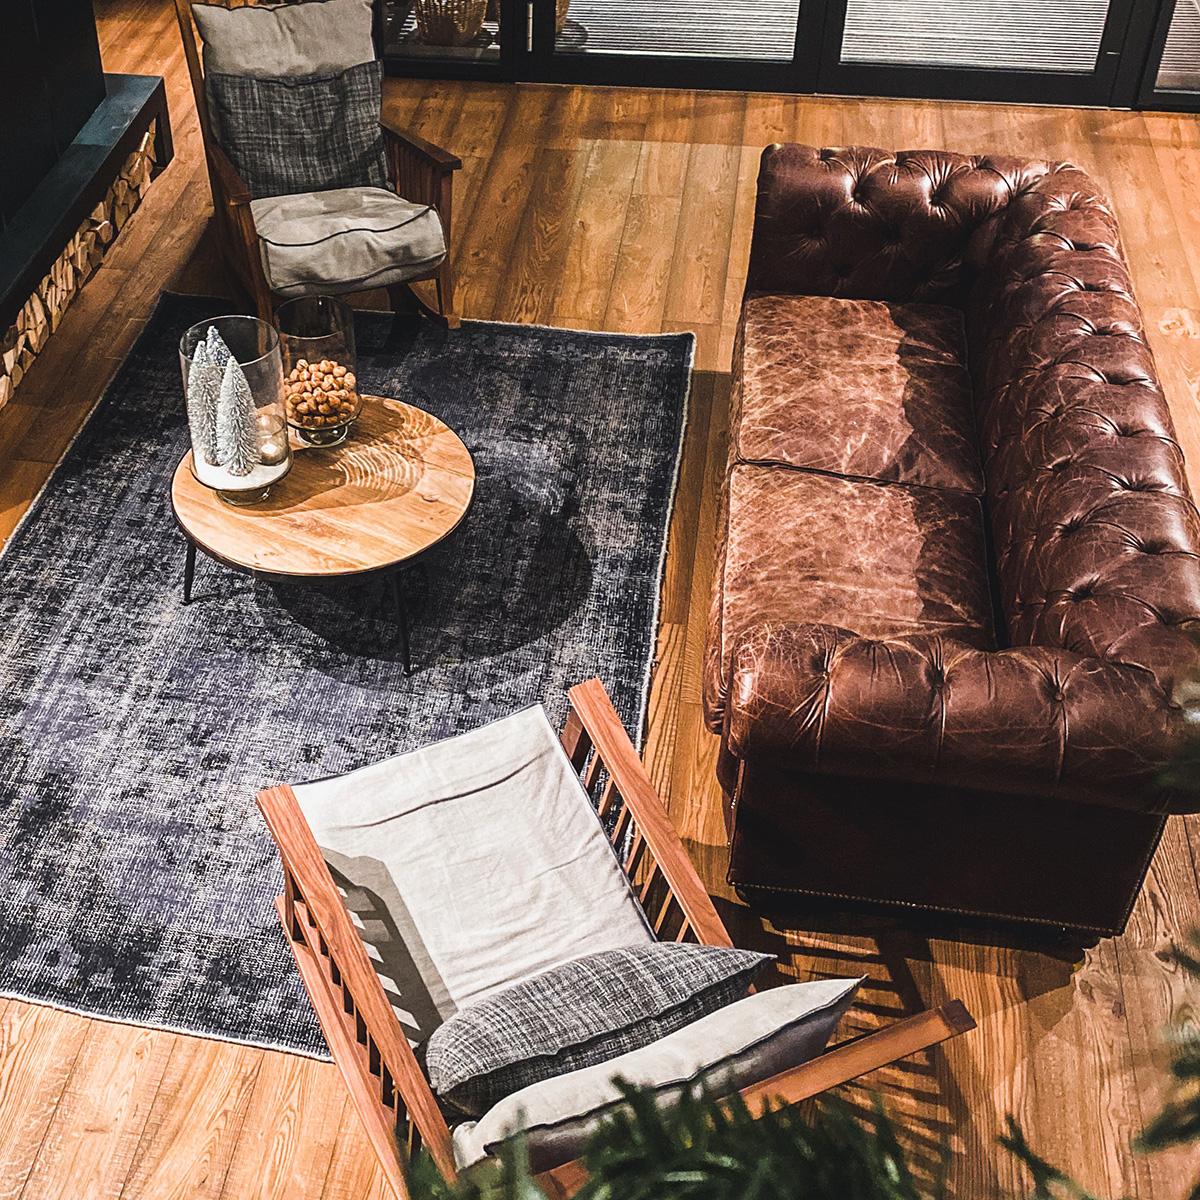 ヴィンテージなソファがあるリビング